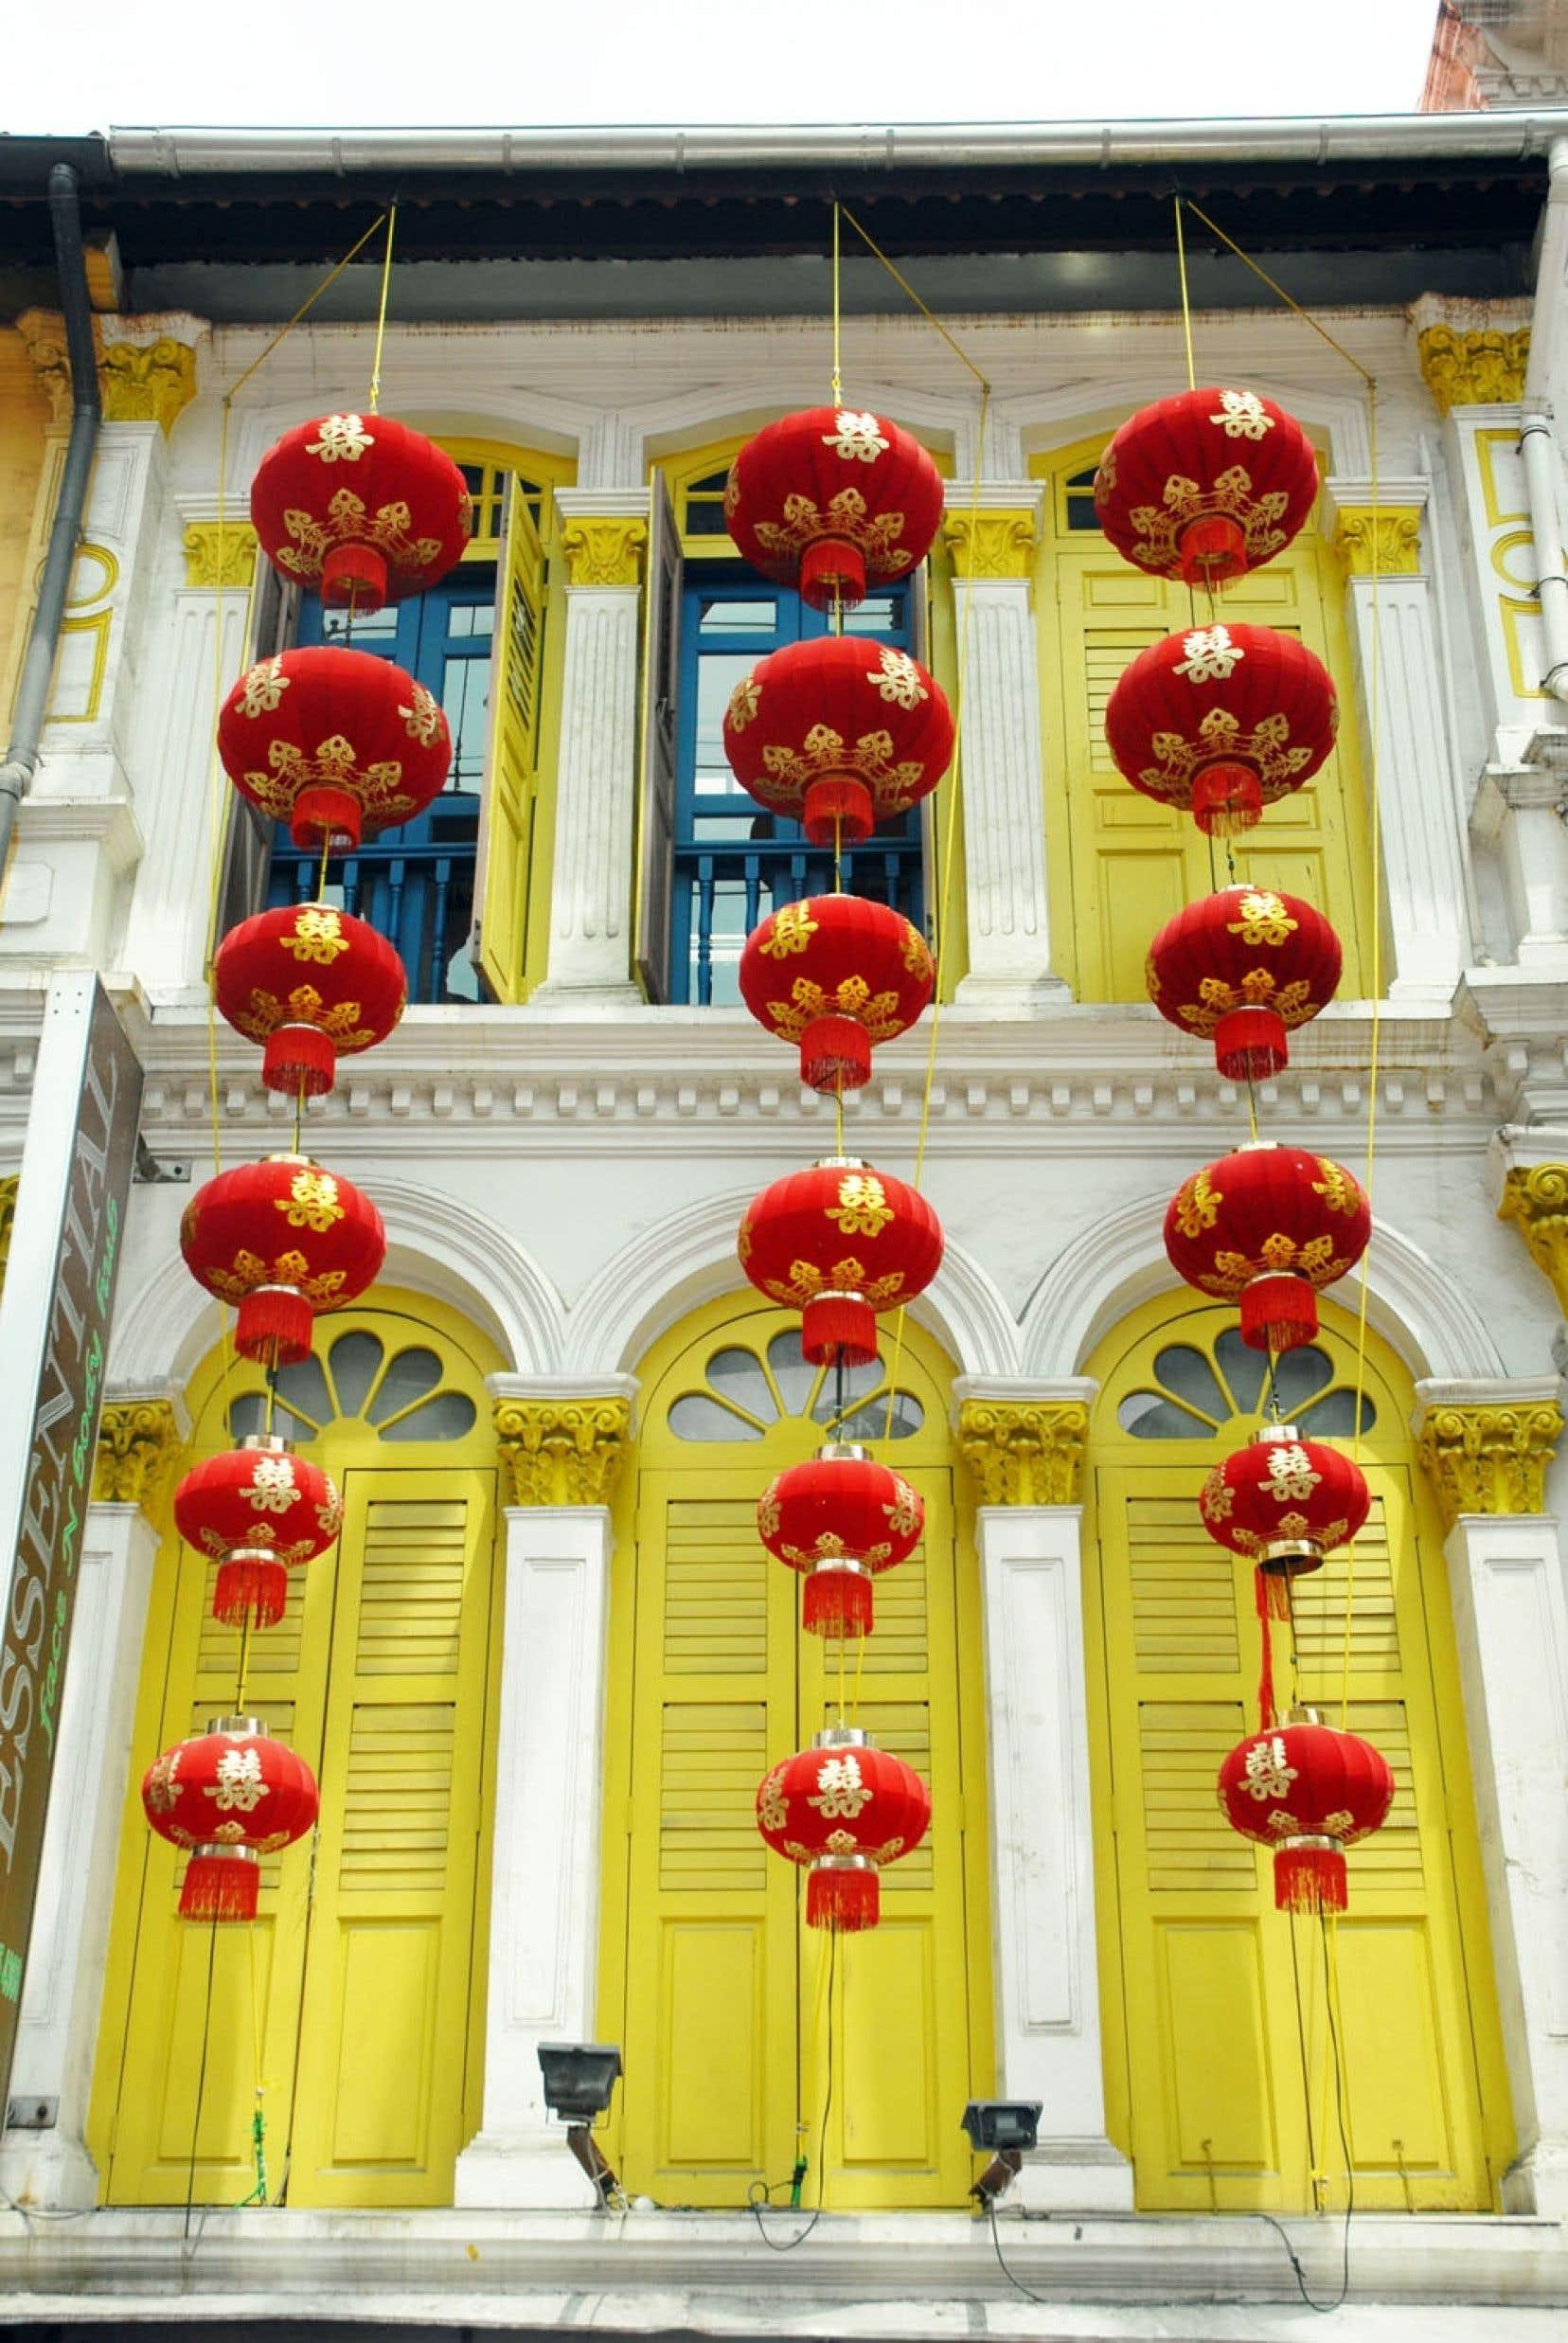 Dans le quartier chinois de Singapour, qui forme bel et bien un îlot même si cela peut paraître étrange dans une île majoritairement peuplée de Chinois…